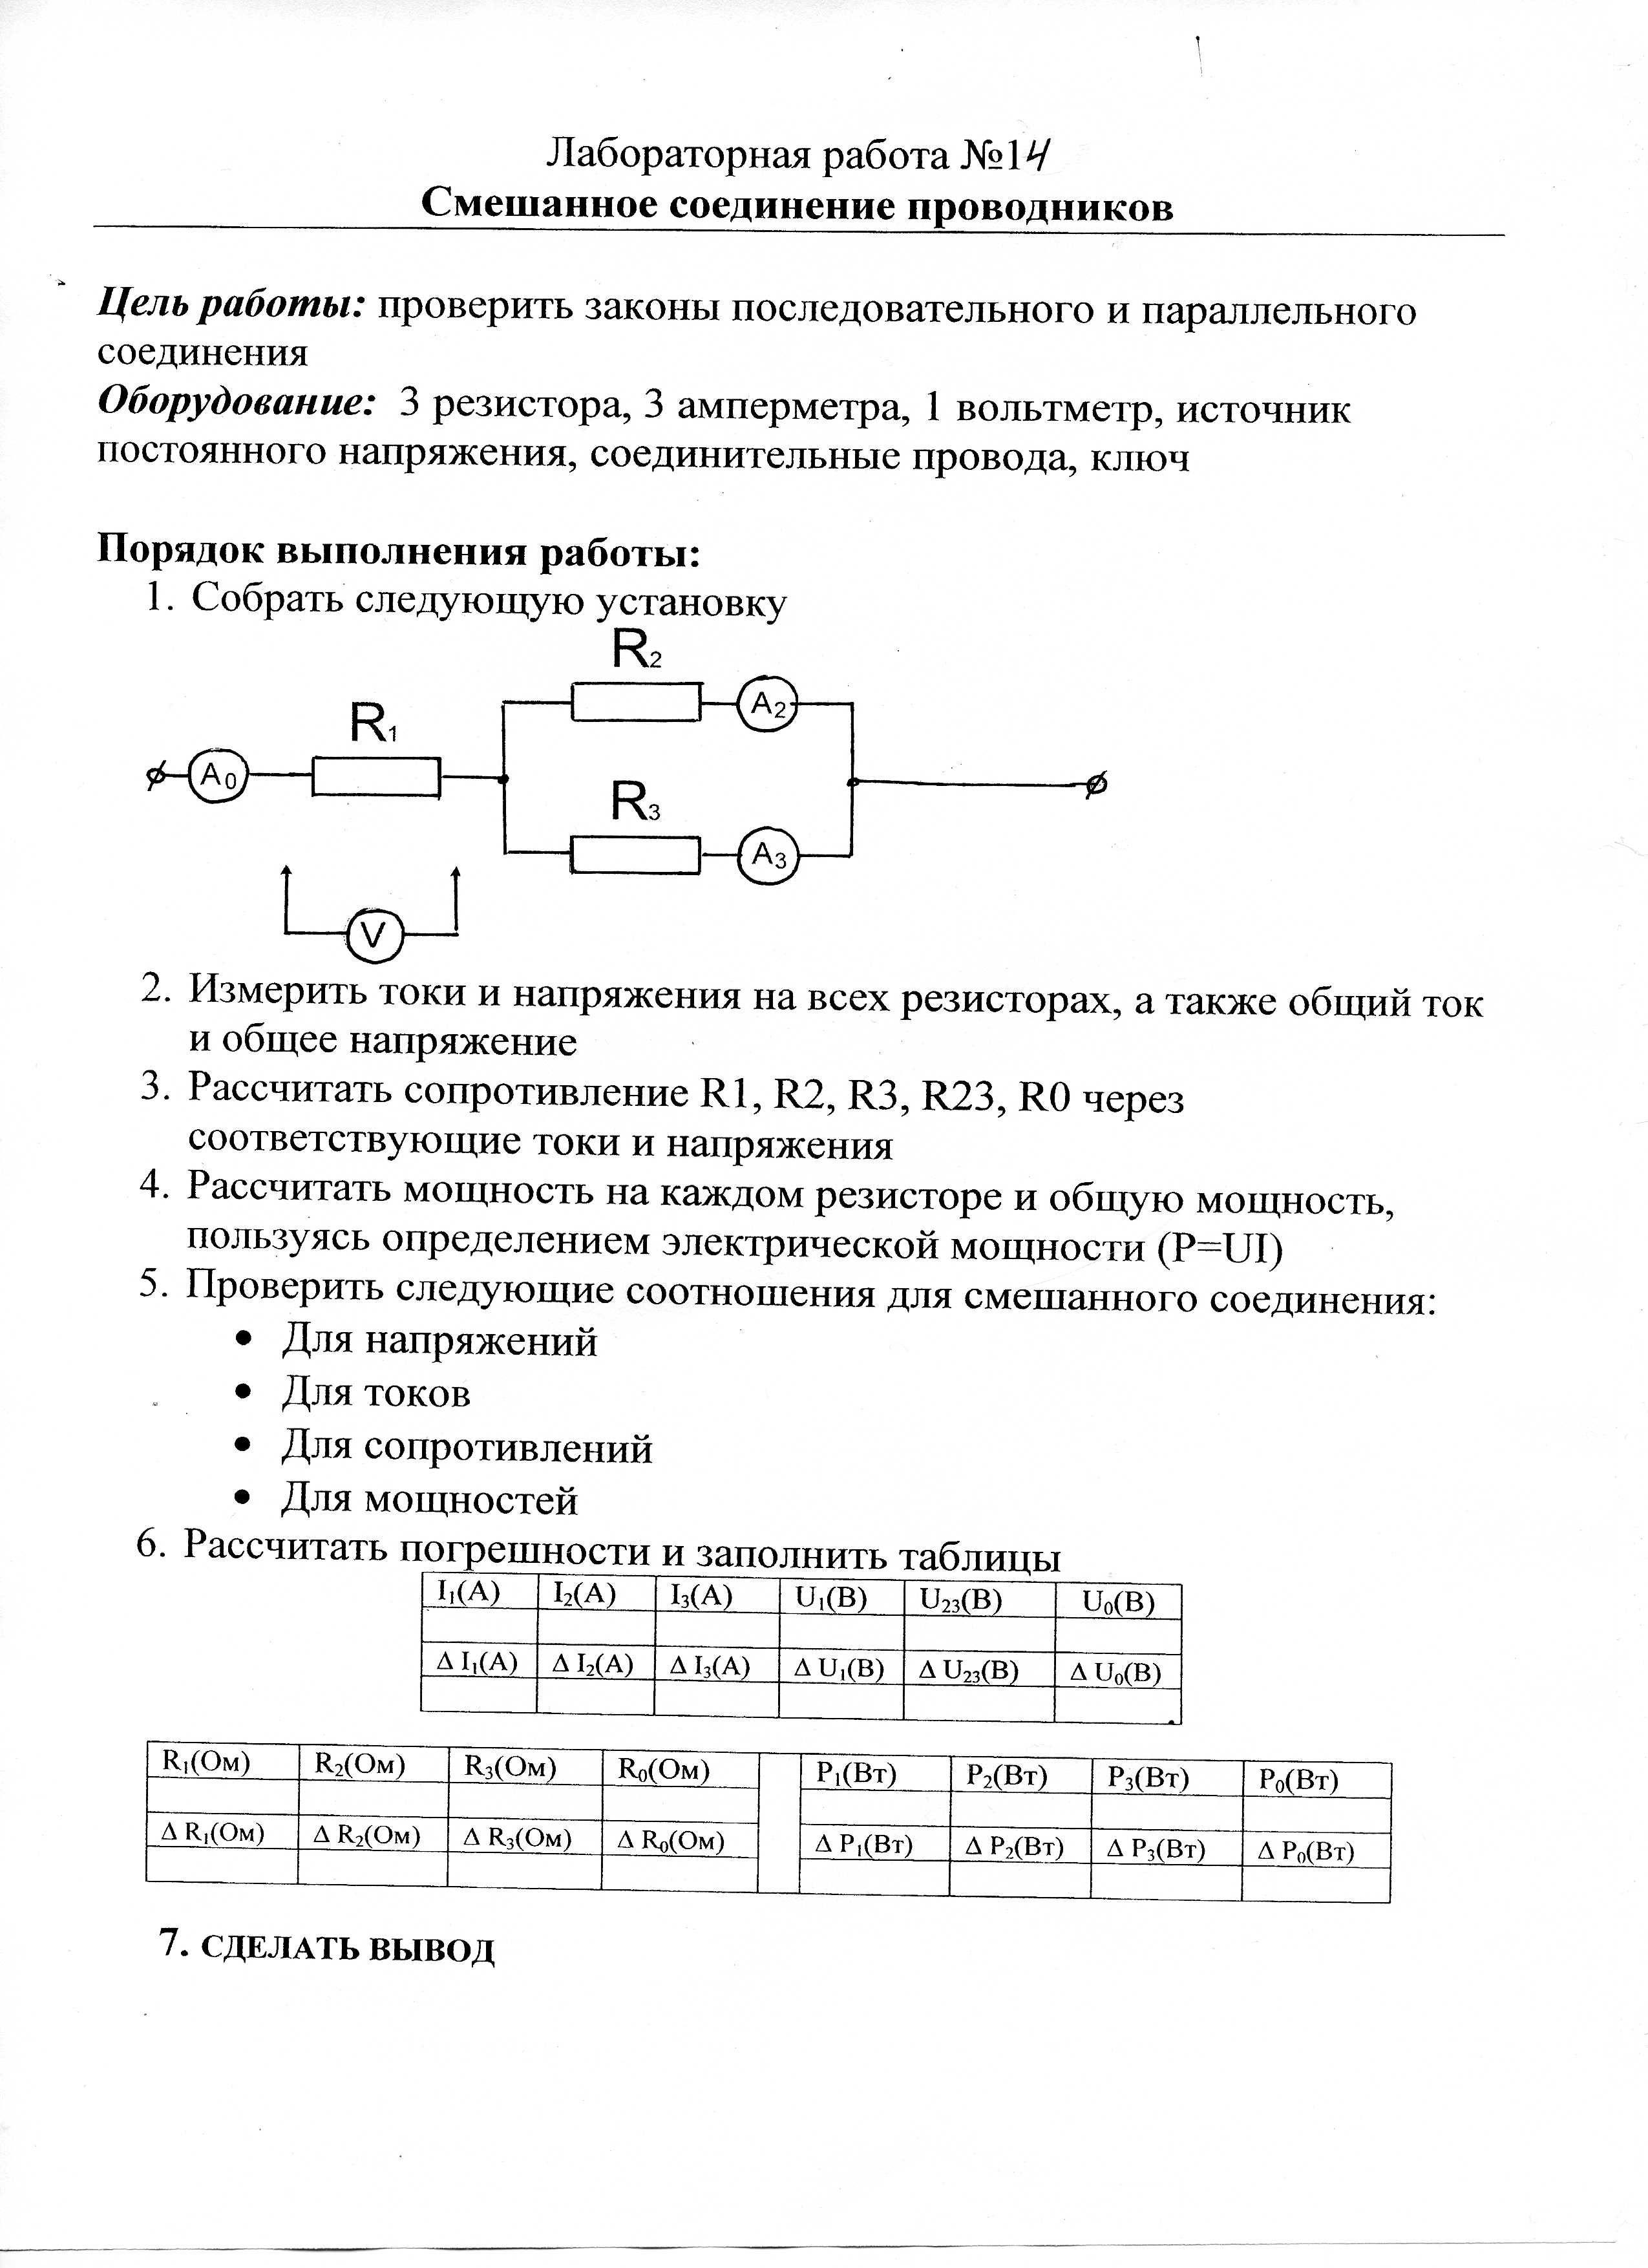 Физика 10 класс лабораторные работы контрольные задания губанов в.в гдз